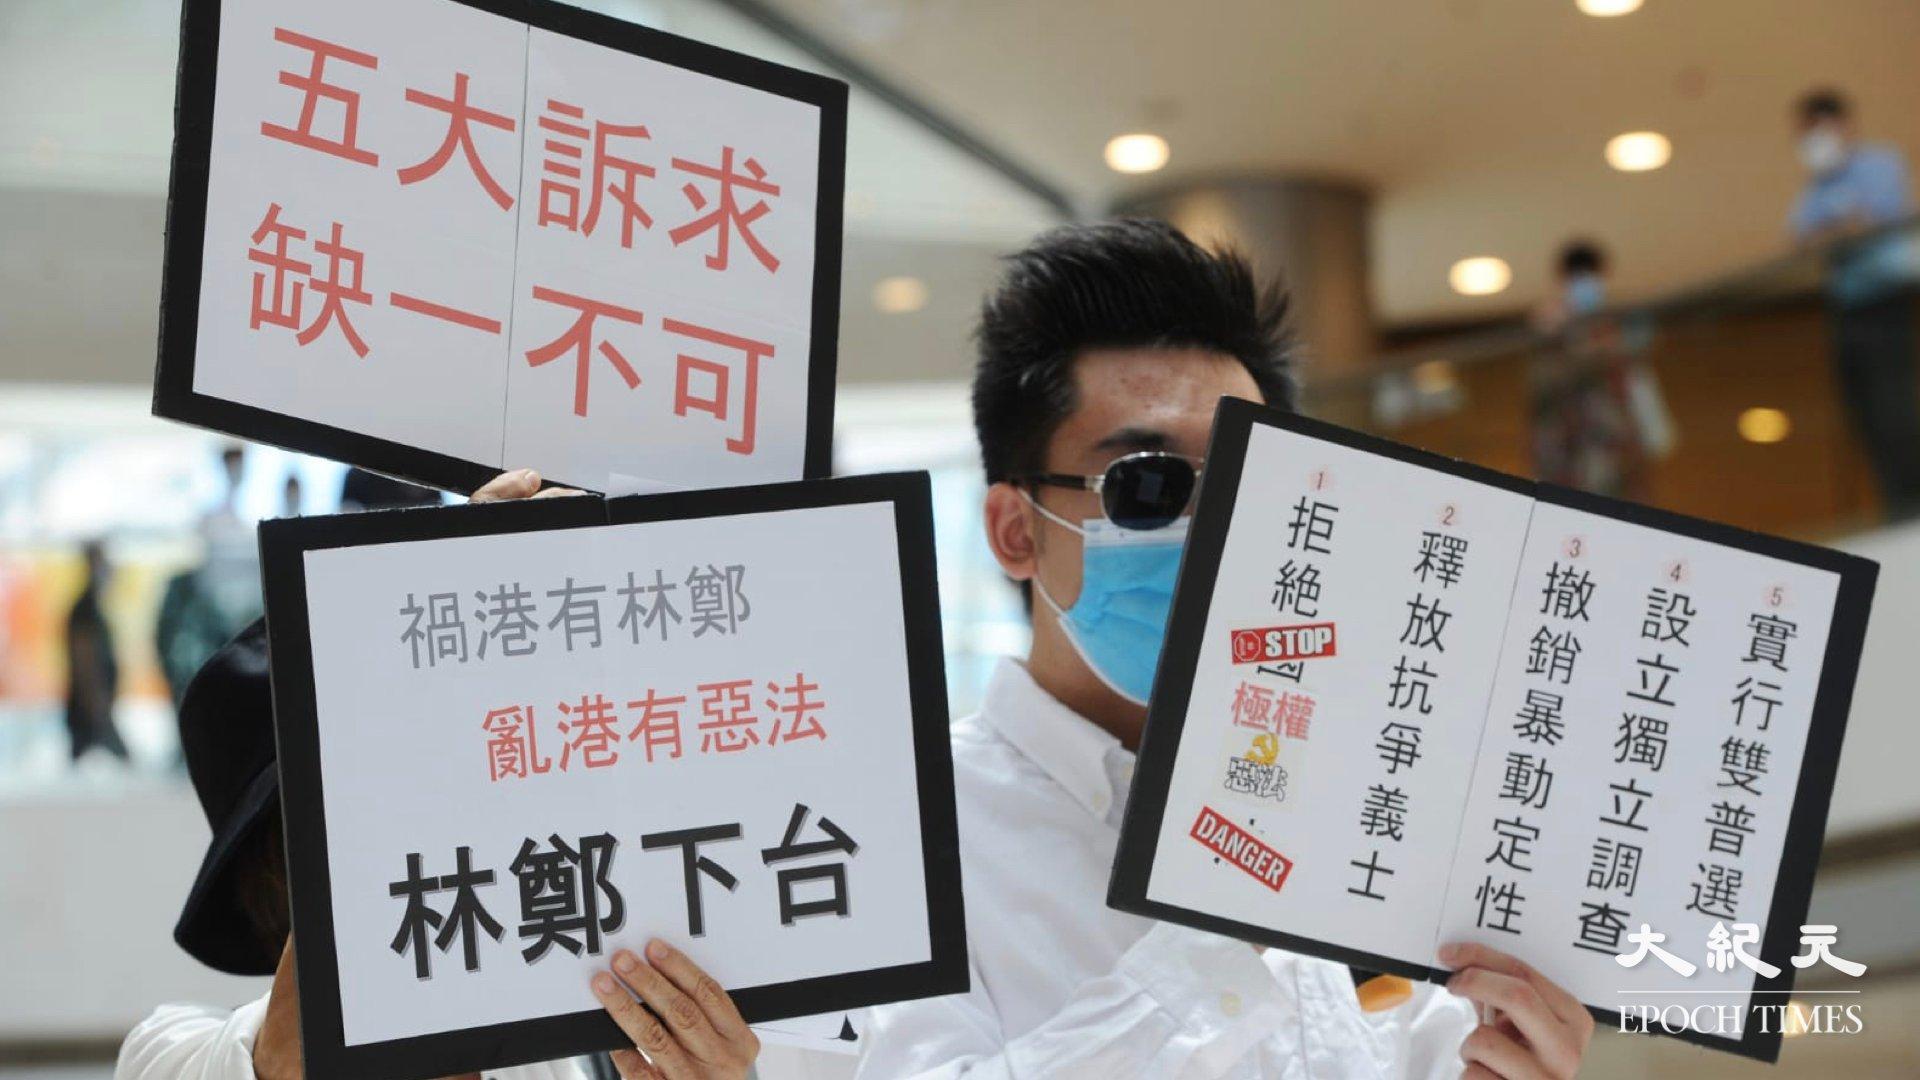 政府不讓提「光復香港,時代革命」的字眼,抗爭者就用數字來表達,一聲「唱數字歌」,眾人跟著齊唱:「05432680,04640242,09820,25374,5201314... ...」(宋碧龍 / 大紀元)